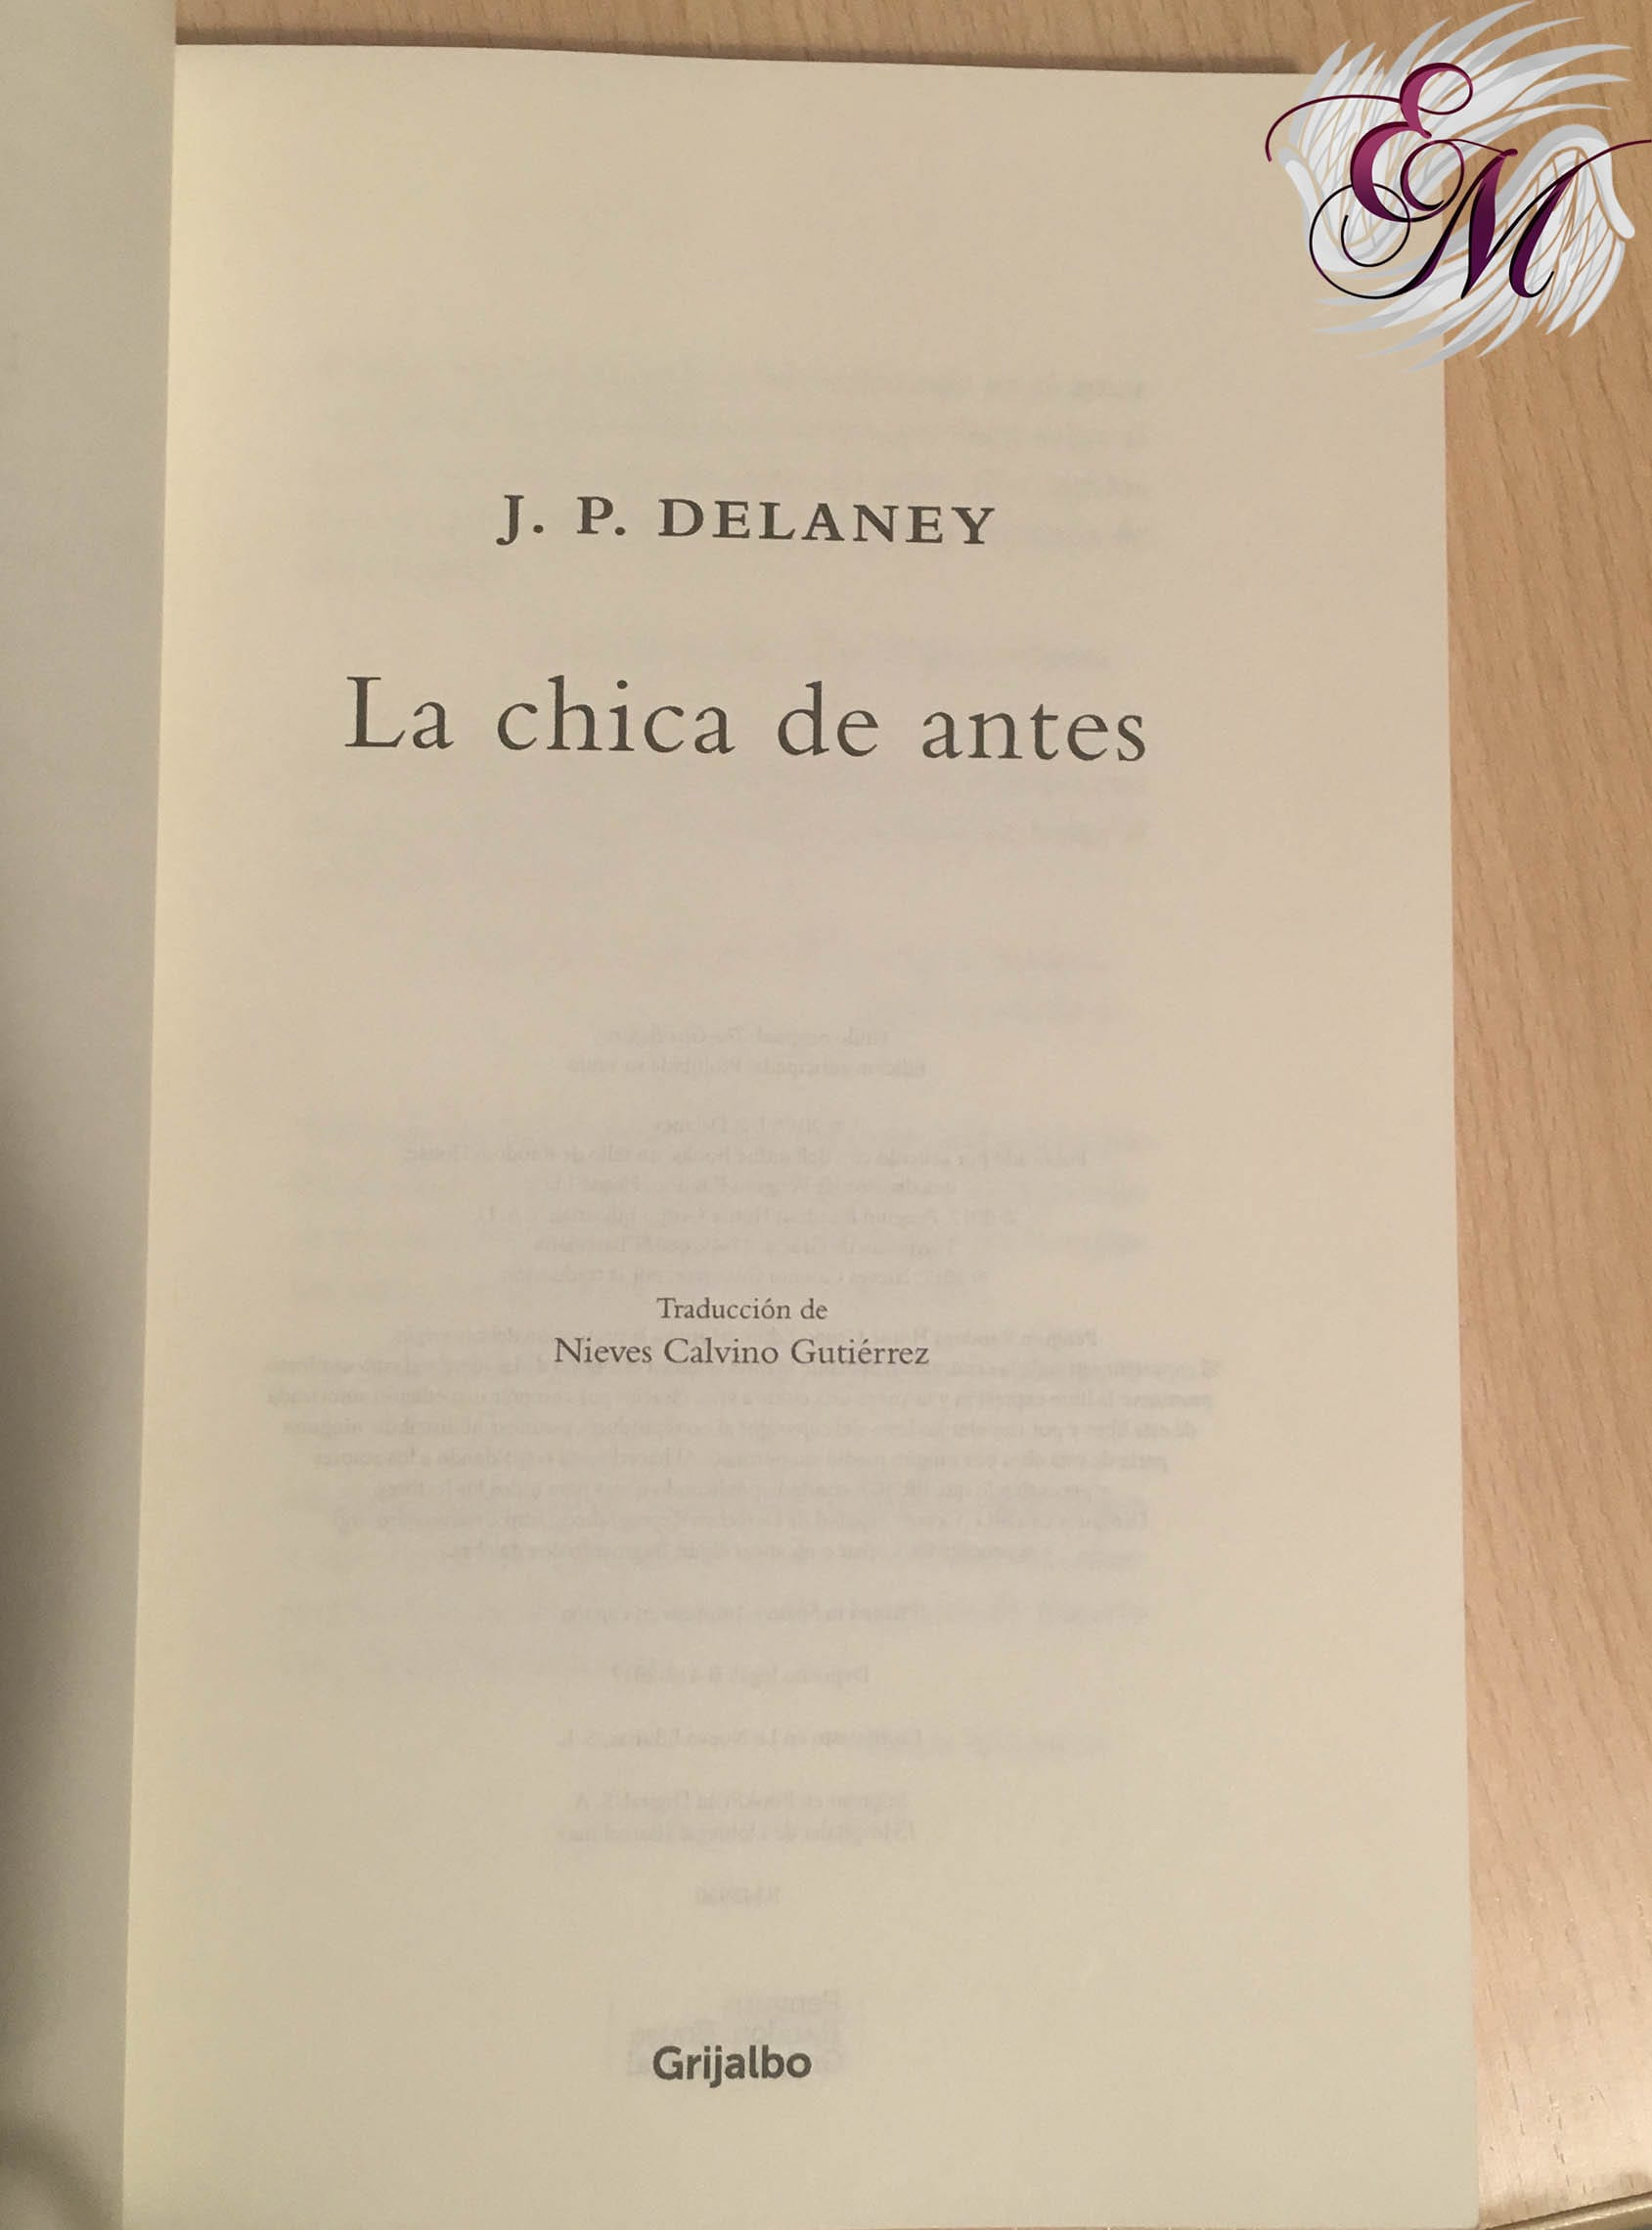 La chica de antes, de J.P. Delaney - Reseña